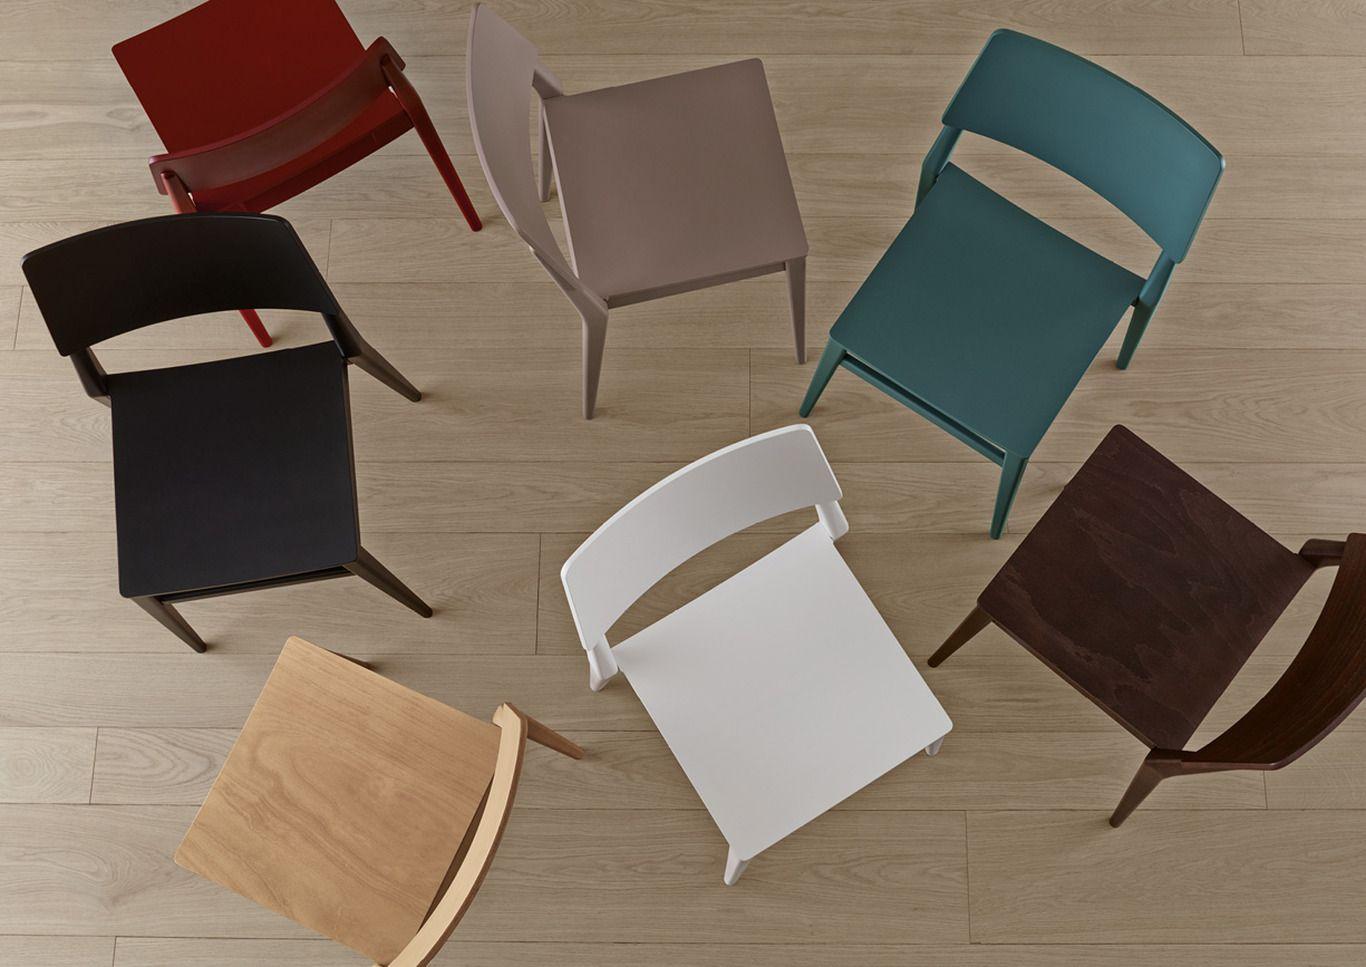 44 Idees De Tabouret Tables Chaises Tabouret Table Et Chaises Chaise